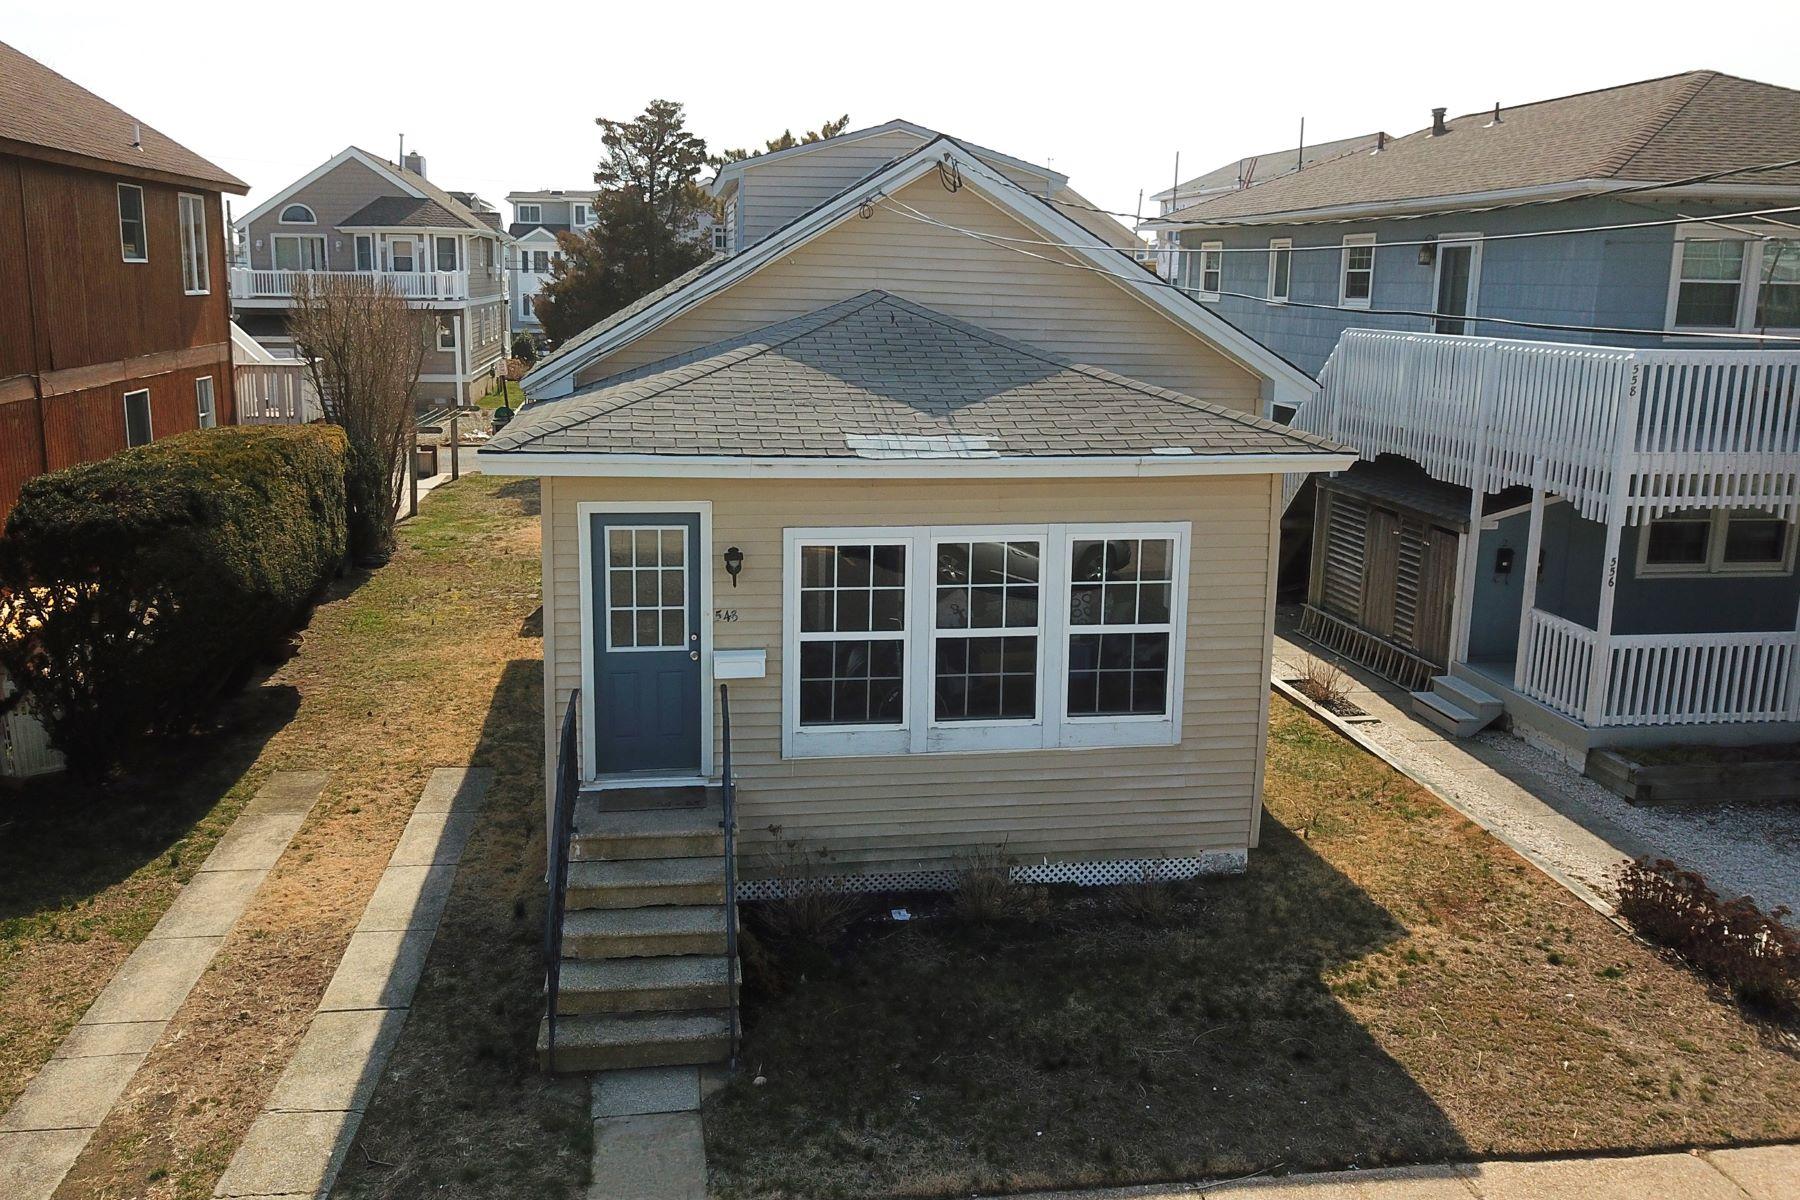 단독 가정 주택 용 매매 에 Avalon Starter Home 548 21st Street, Avalon, 뉴저지 08202 미국